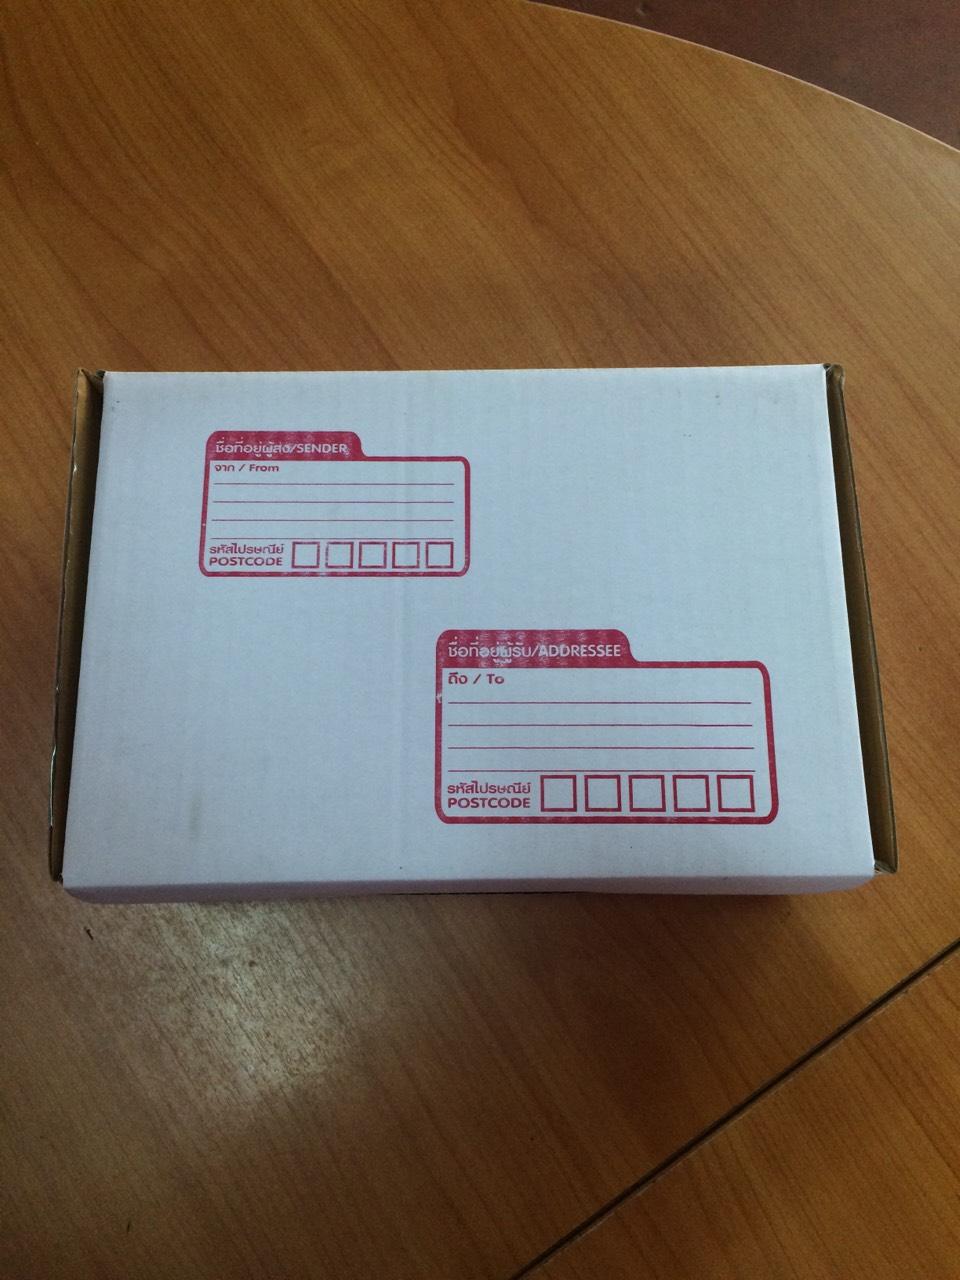 กล่องไปรษณีย์ ไดคัท เบอร์ ค ขนาด 30 X 20 X 11 cm. ใบละ 10.5 บาท